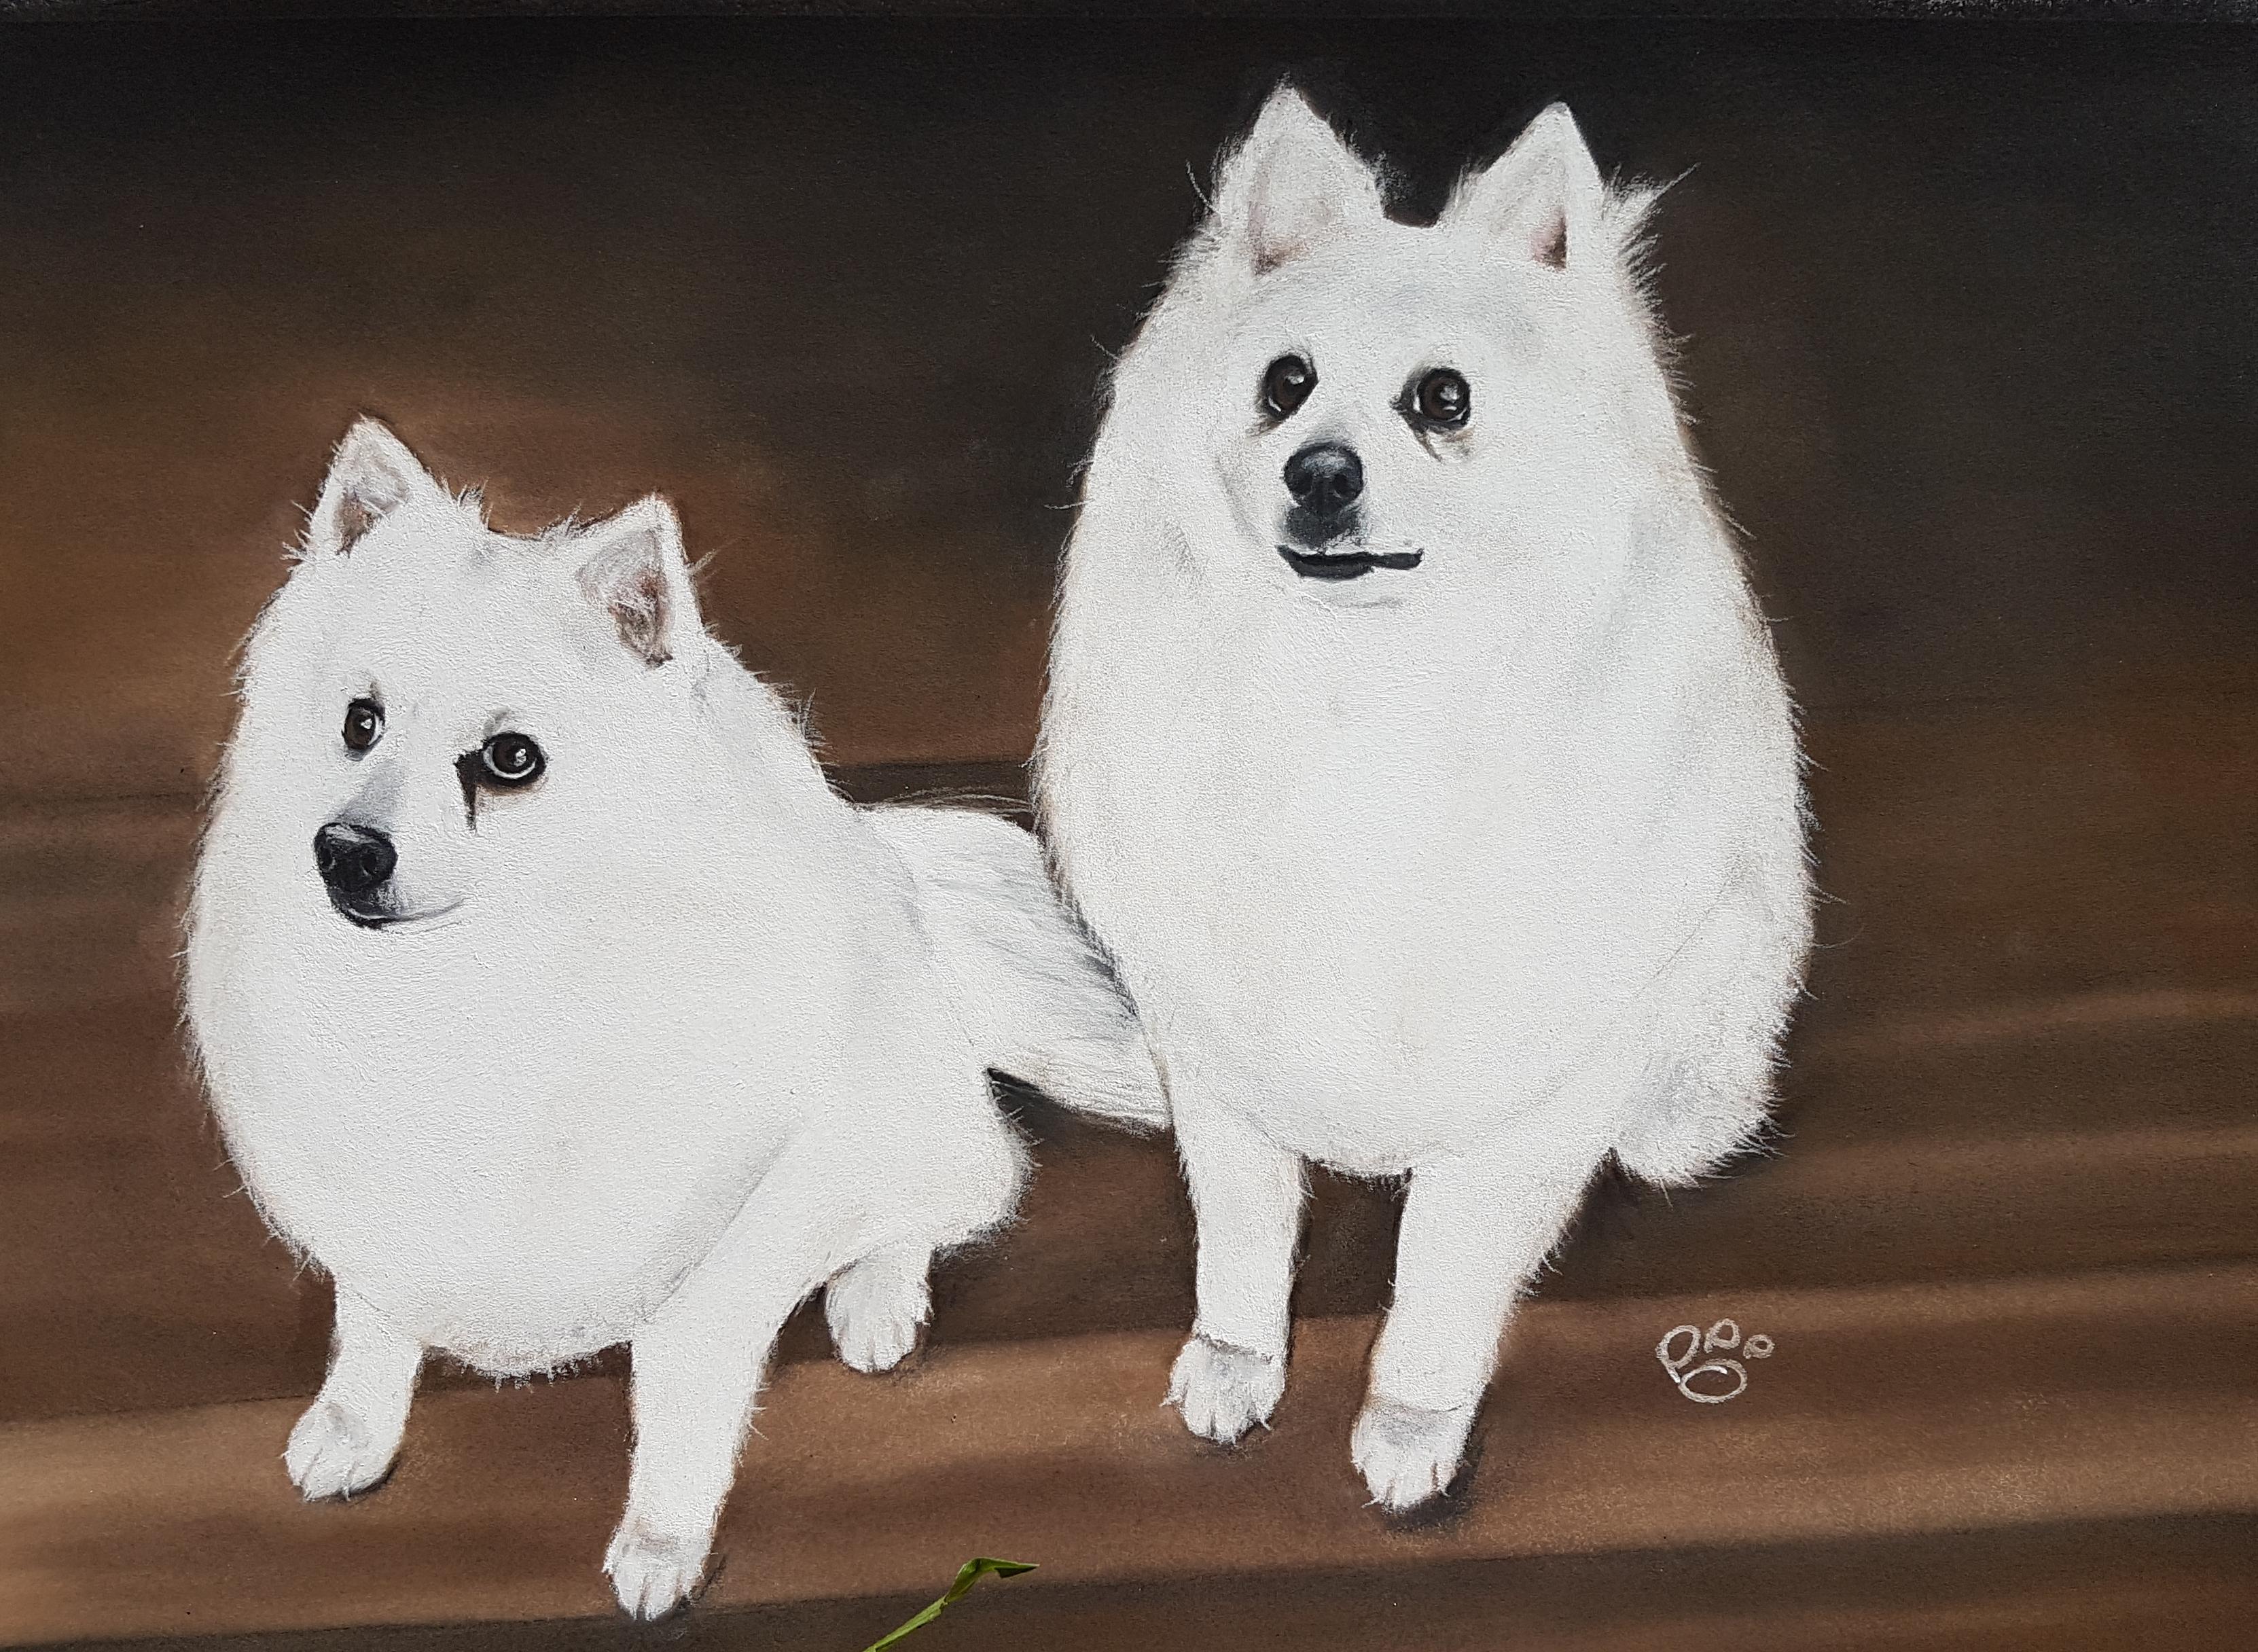 Sarda and Kenny A3 Pomeranian